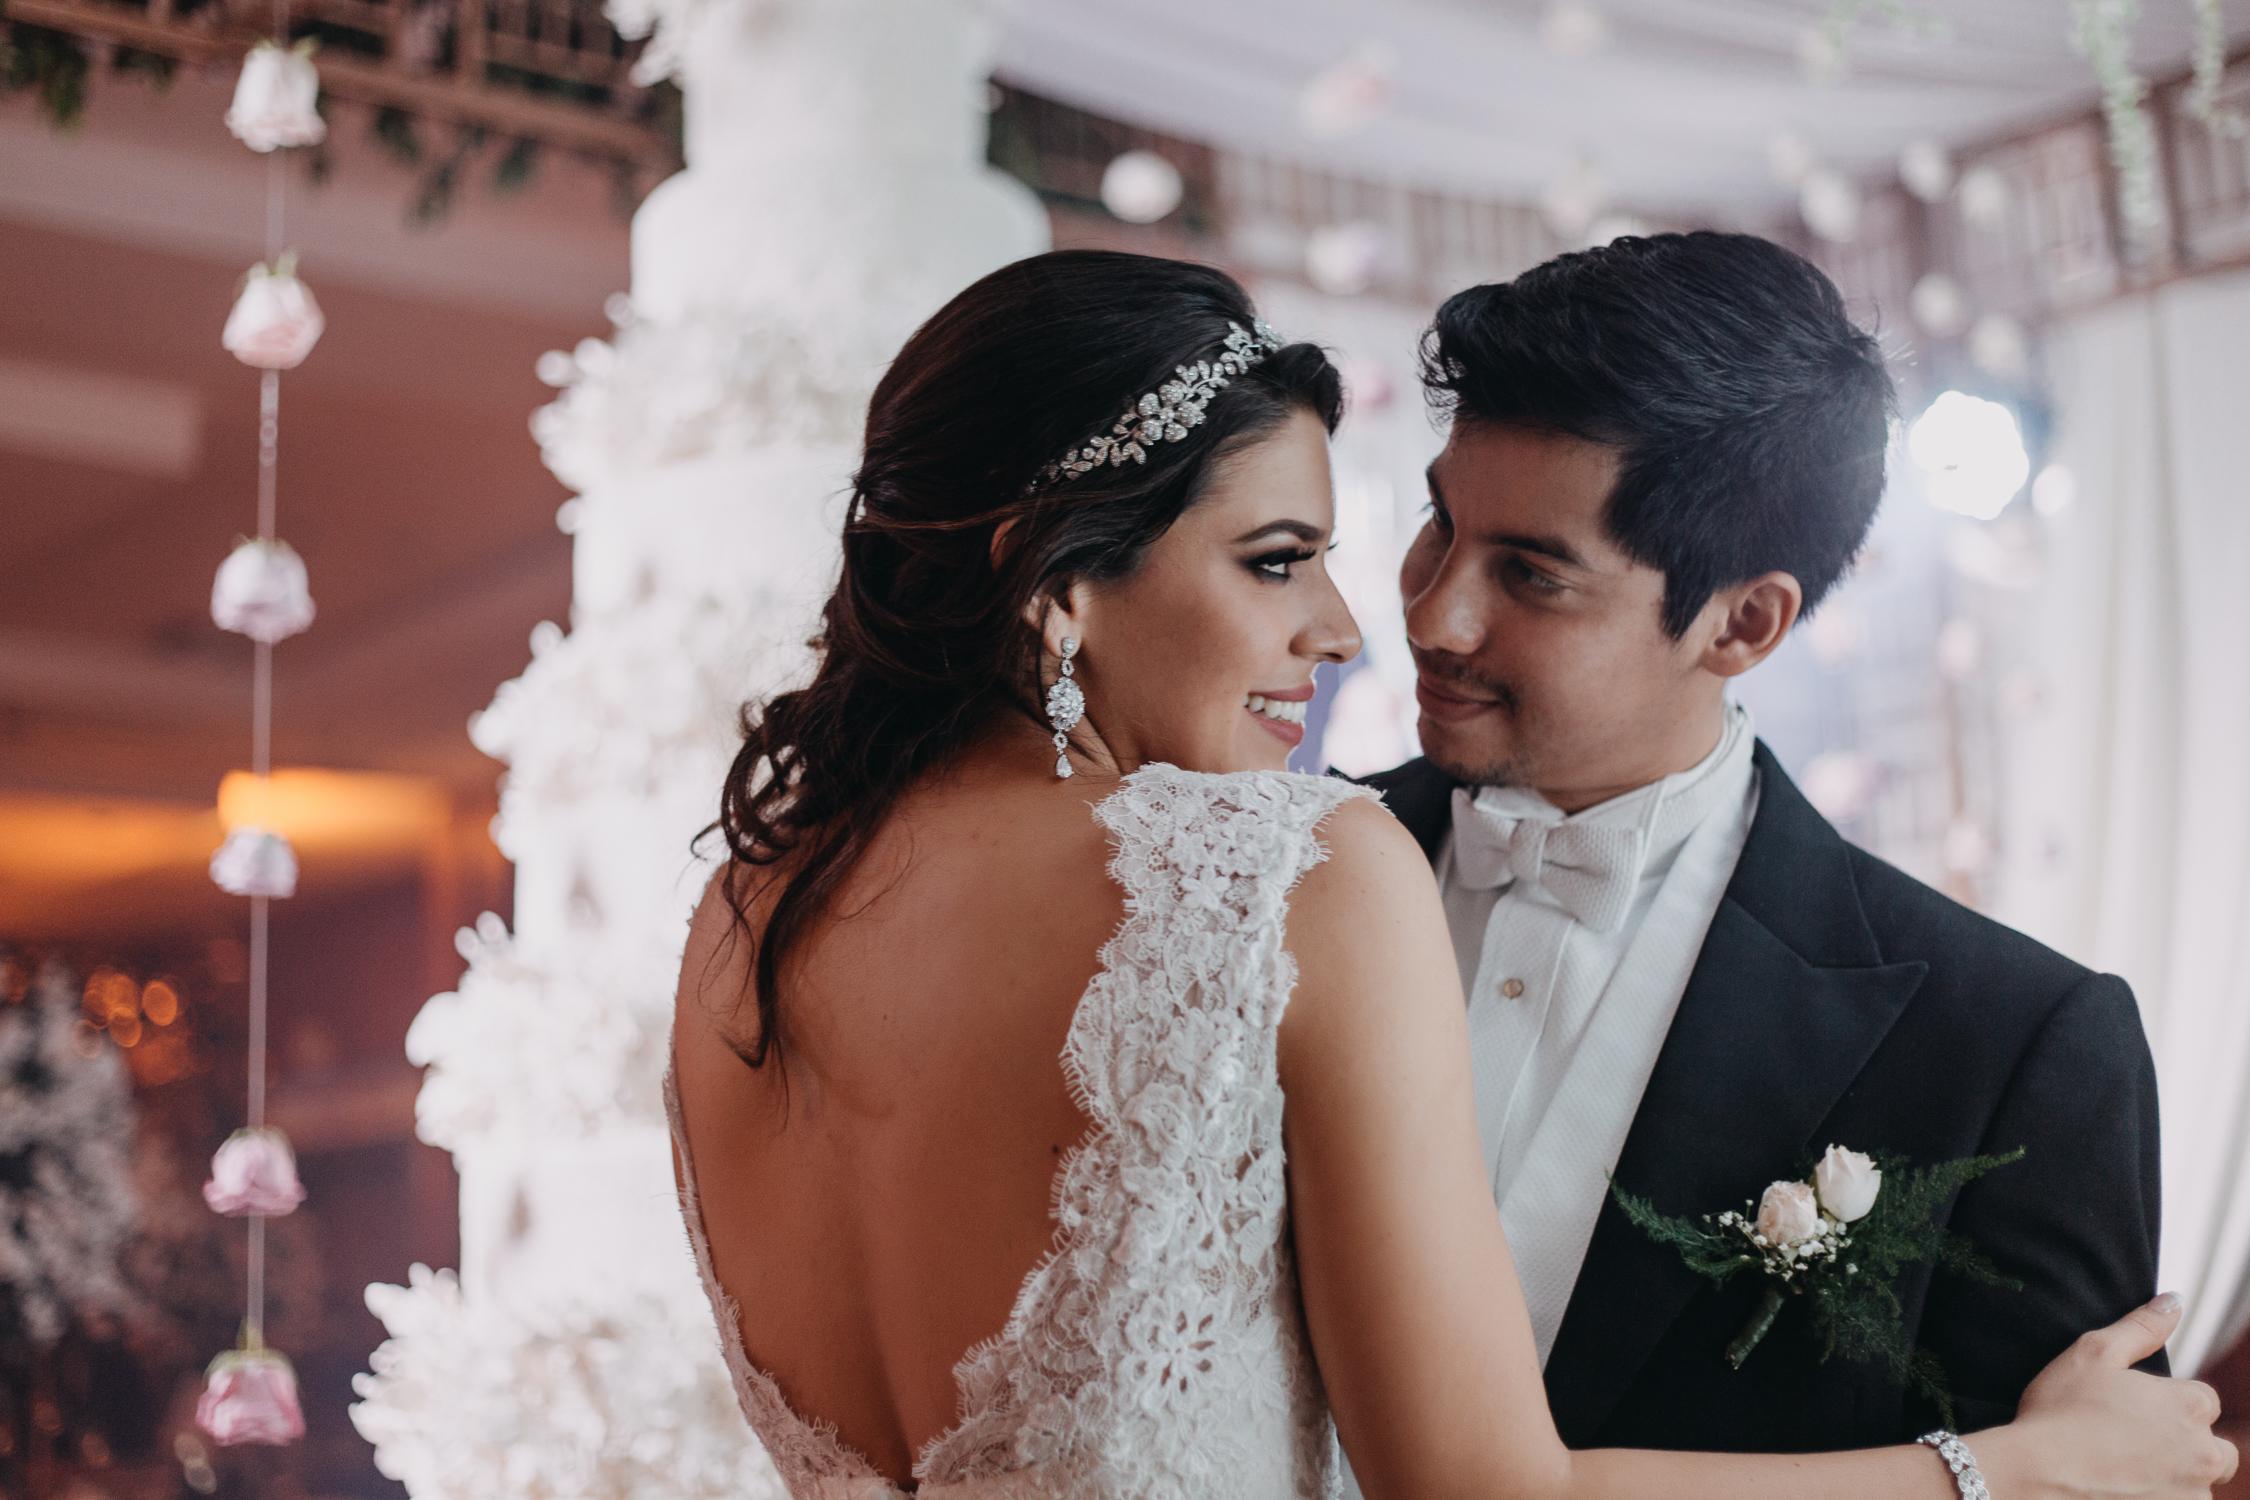 Michelle-Agurto-Fotografia-Bodas-Ecuador-Destination-Wedding-Photographer-Patricia-Guido-253.JPG